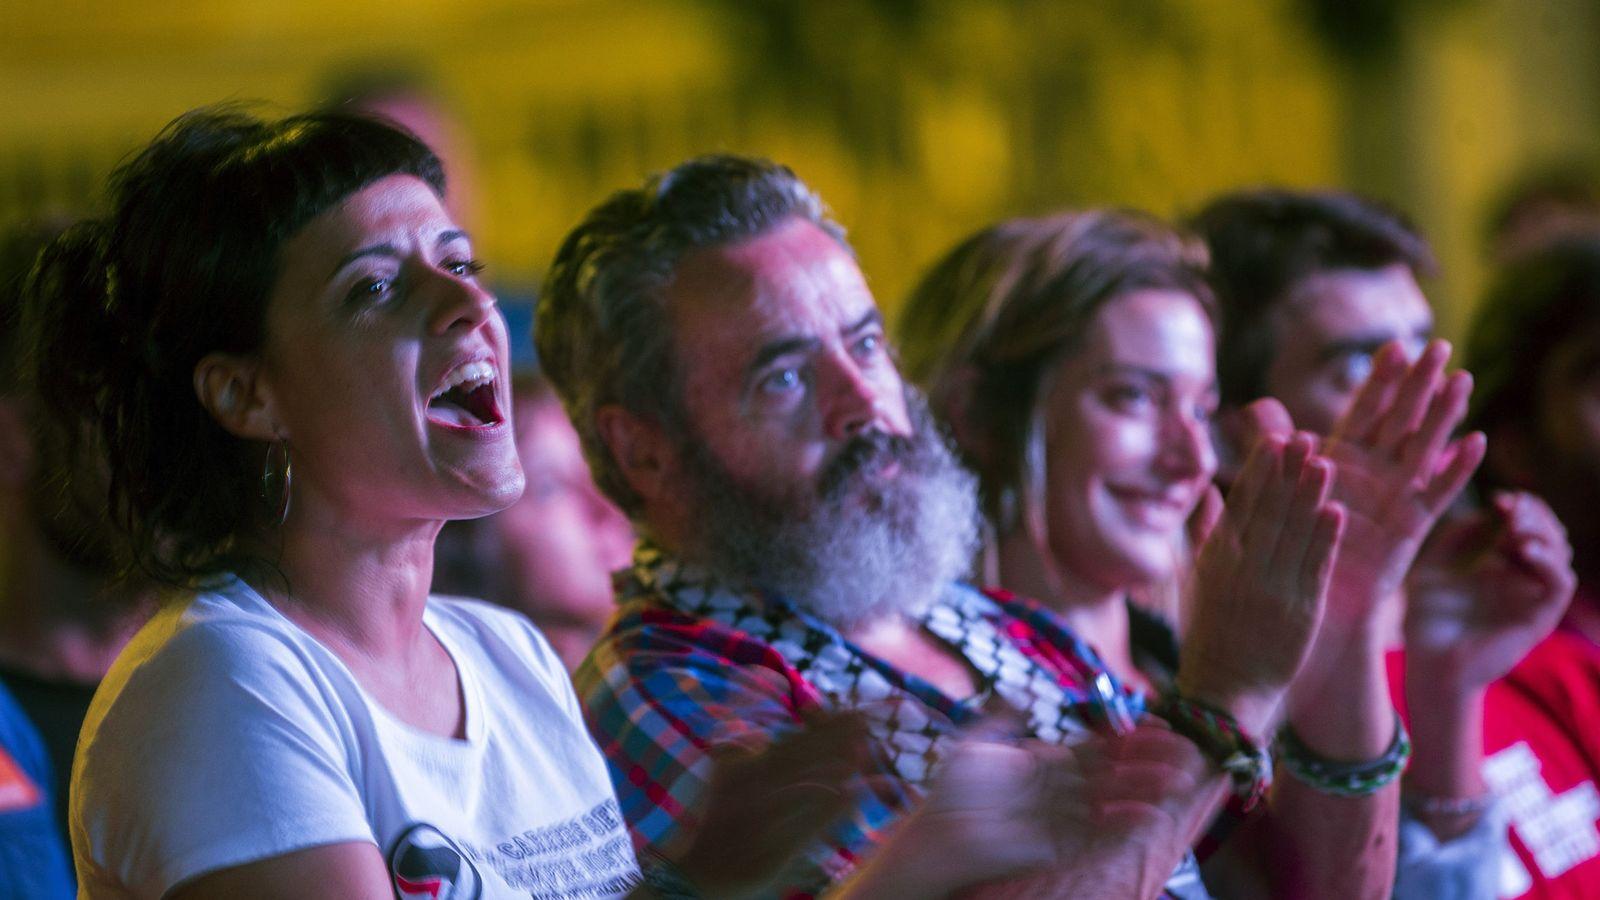 Foto: La portavoz de la CUP Anna Gabriel aplaude en el acto de Badalona acompañada por el alcalde de Marinaleda, Juan Manuel Sánchez Gordillo y la diputada de Sortu Miren Zabaleta. (EFE)